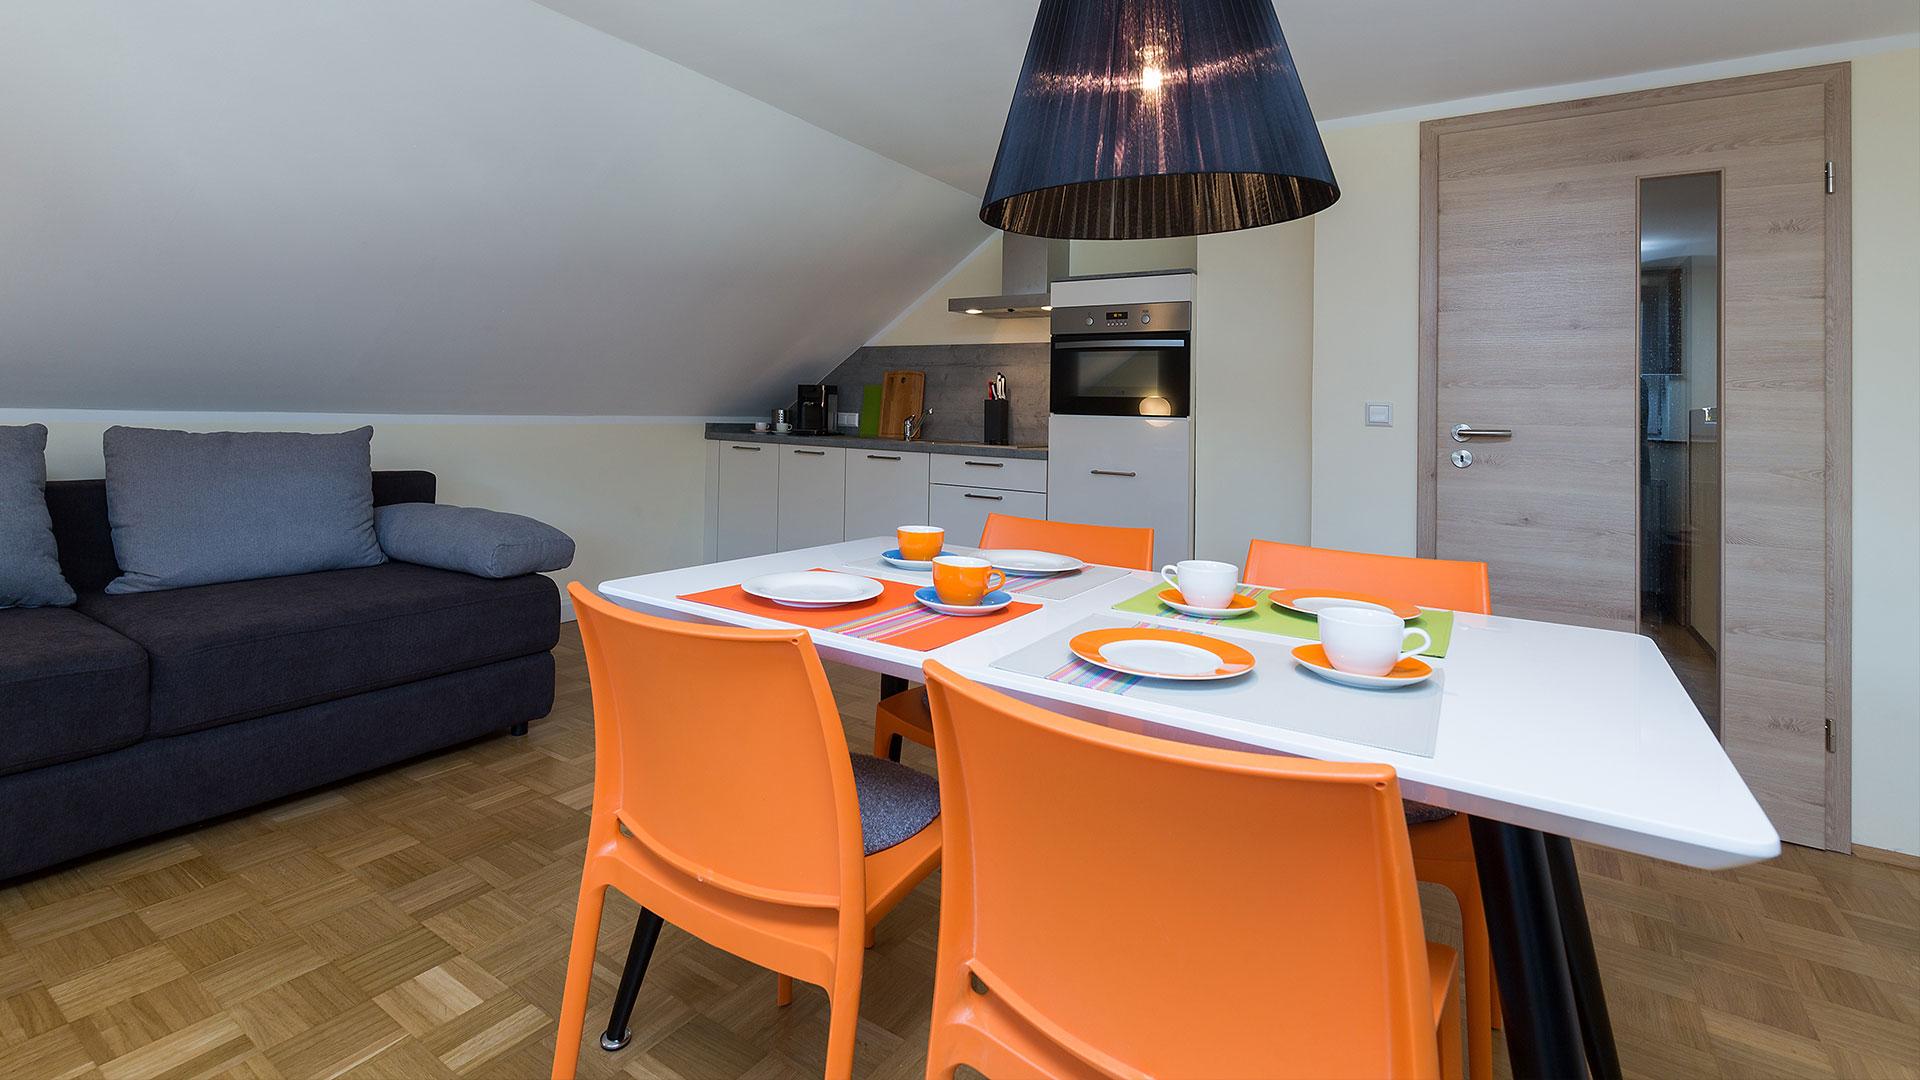 Haus Der Küche Memmingen kellermanns apartment, preiswert übernachten in memmingen - bayern